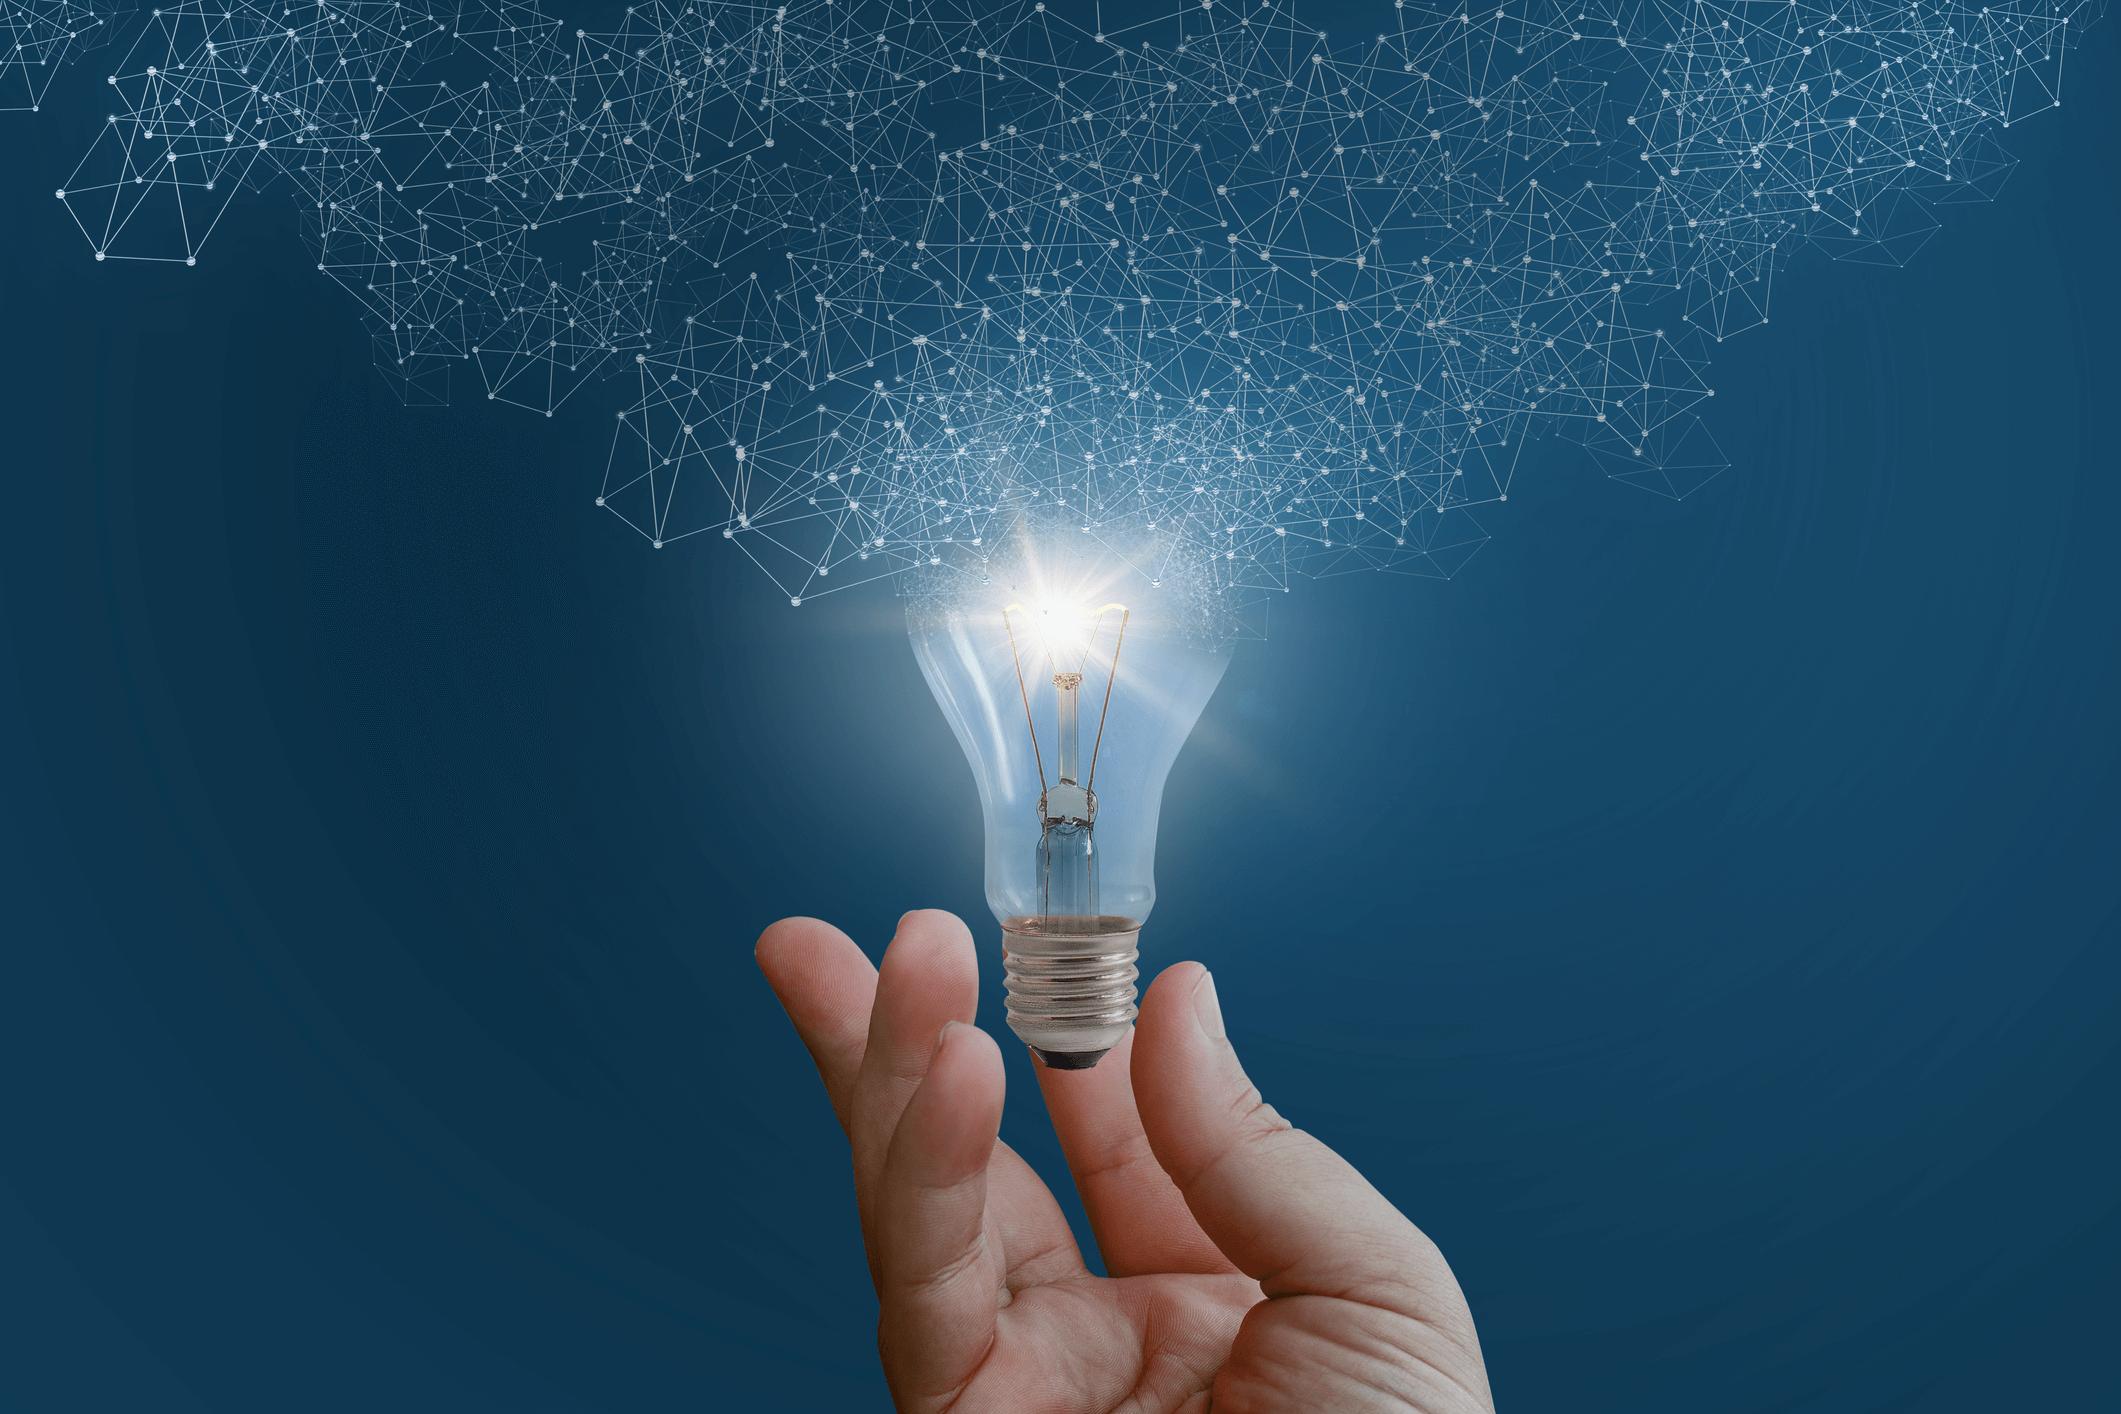 No Giro Energia: Mercado Livre reage positivamente frente às mudanças na economia